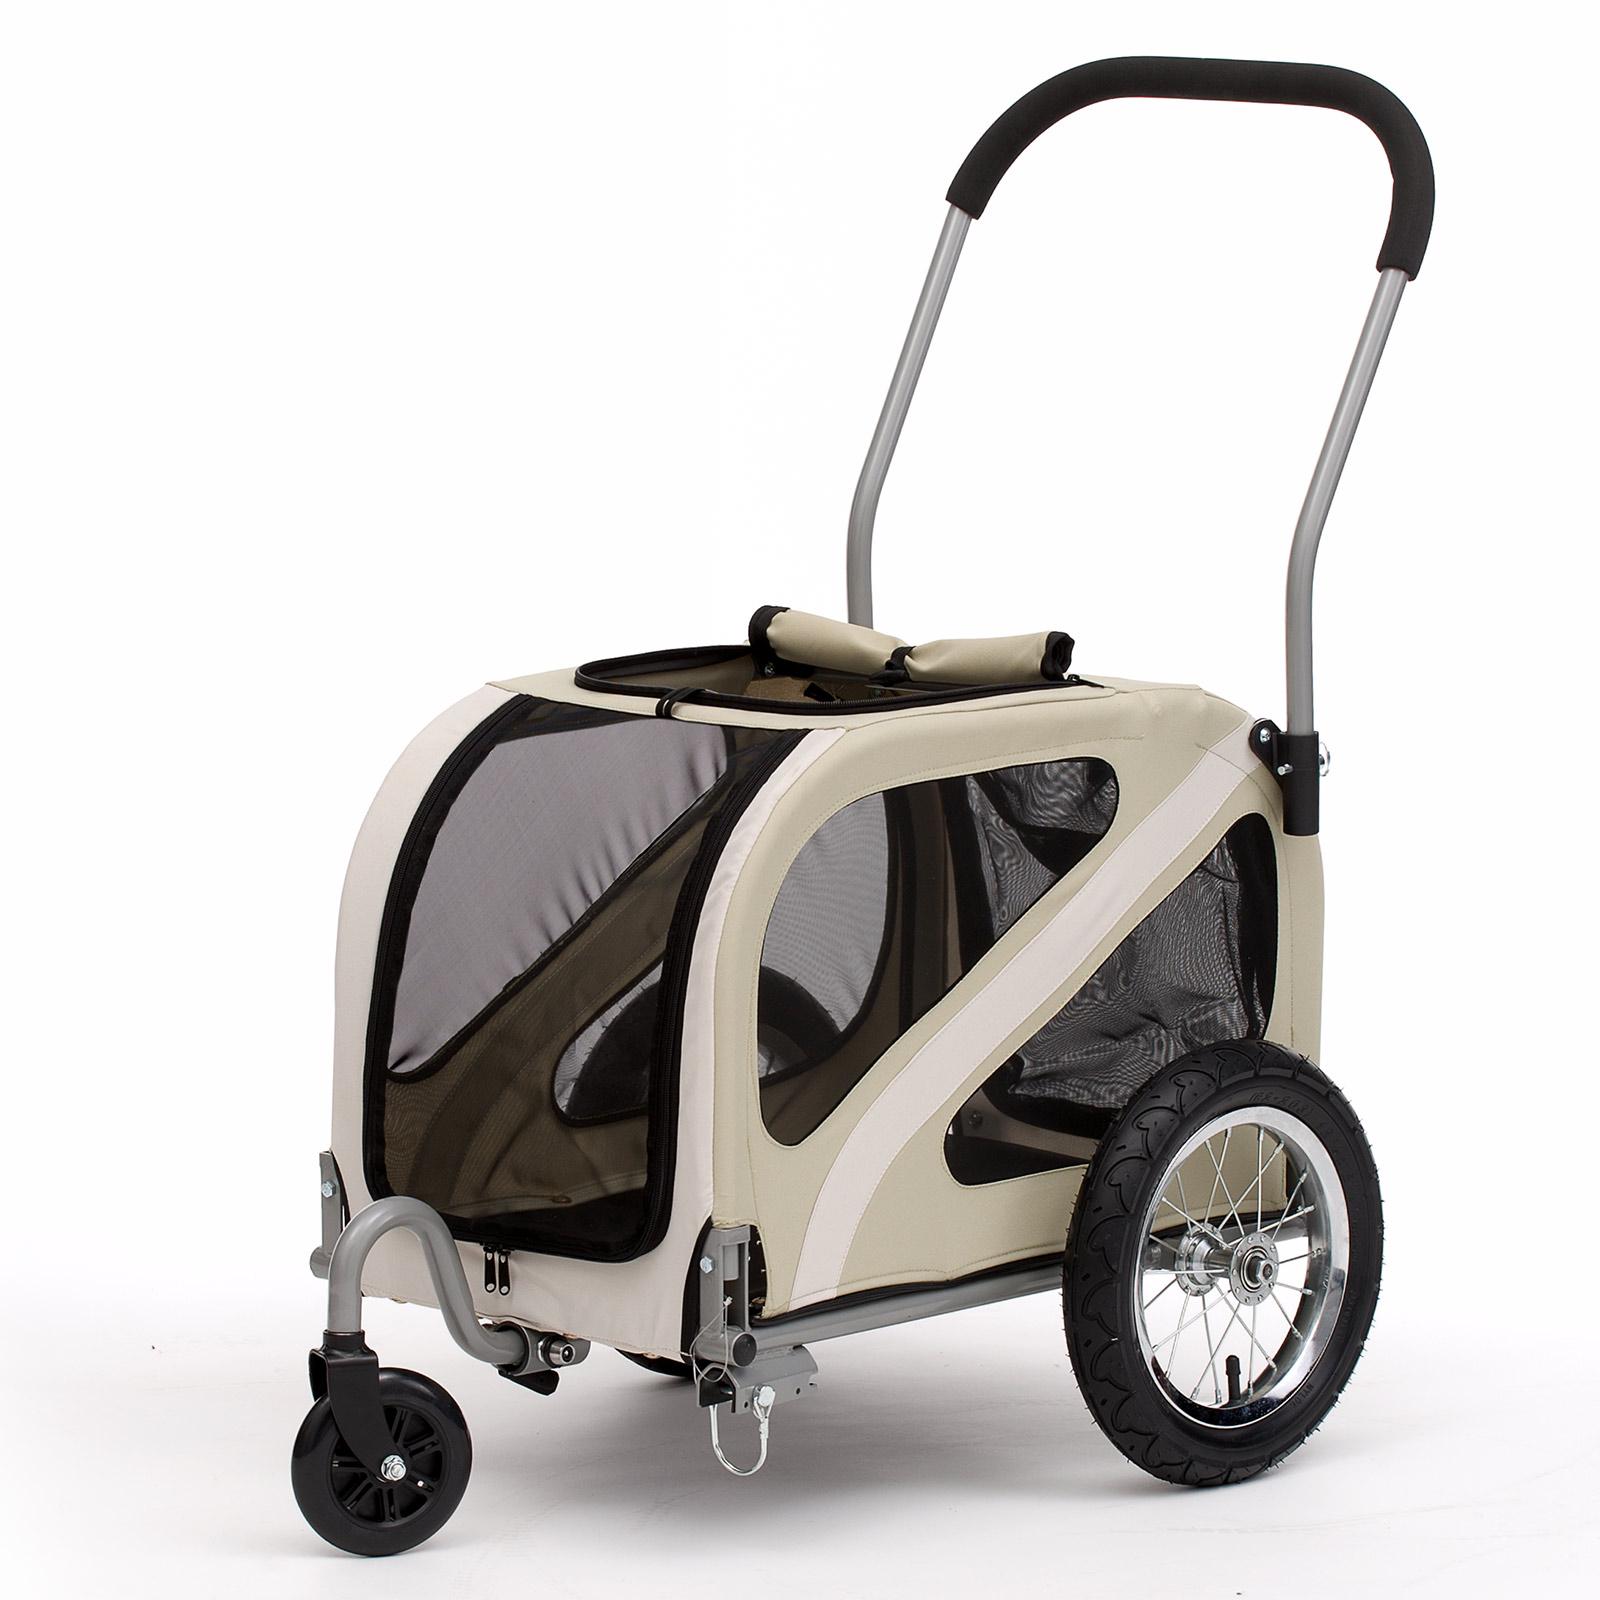 hundeanh nger fahrrad blue bird hundefahrradanh nger. Black Bedroom Furniture Sets. Home Design Ideas